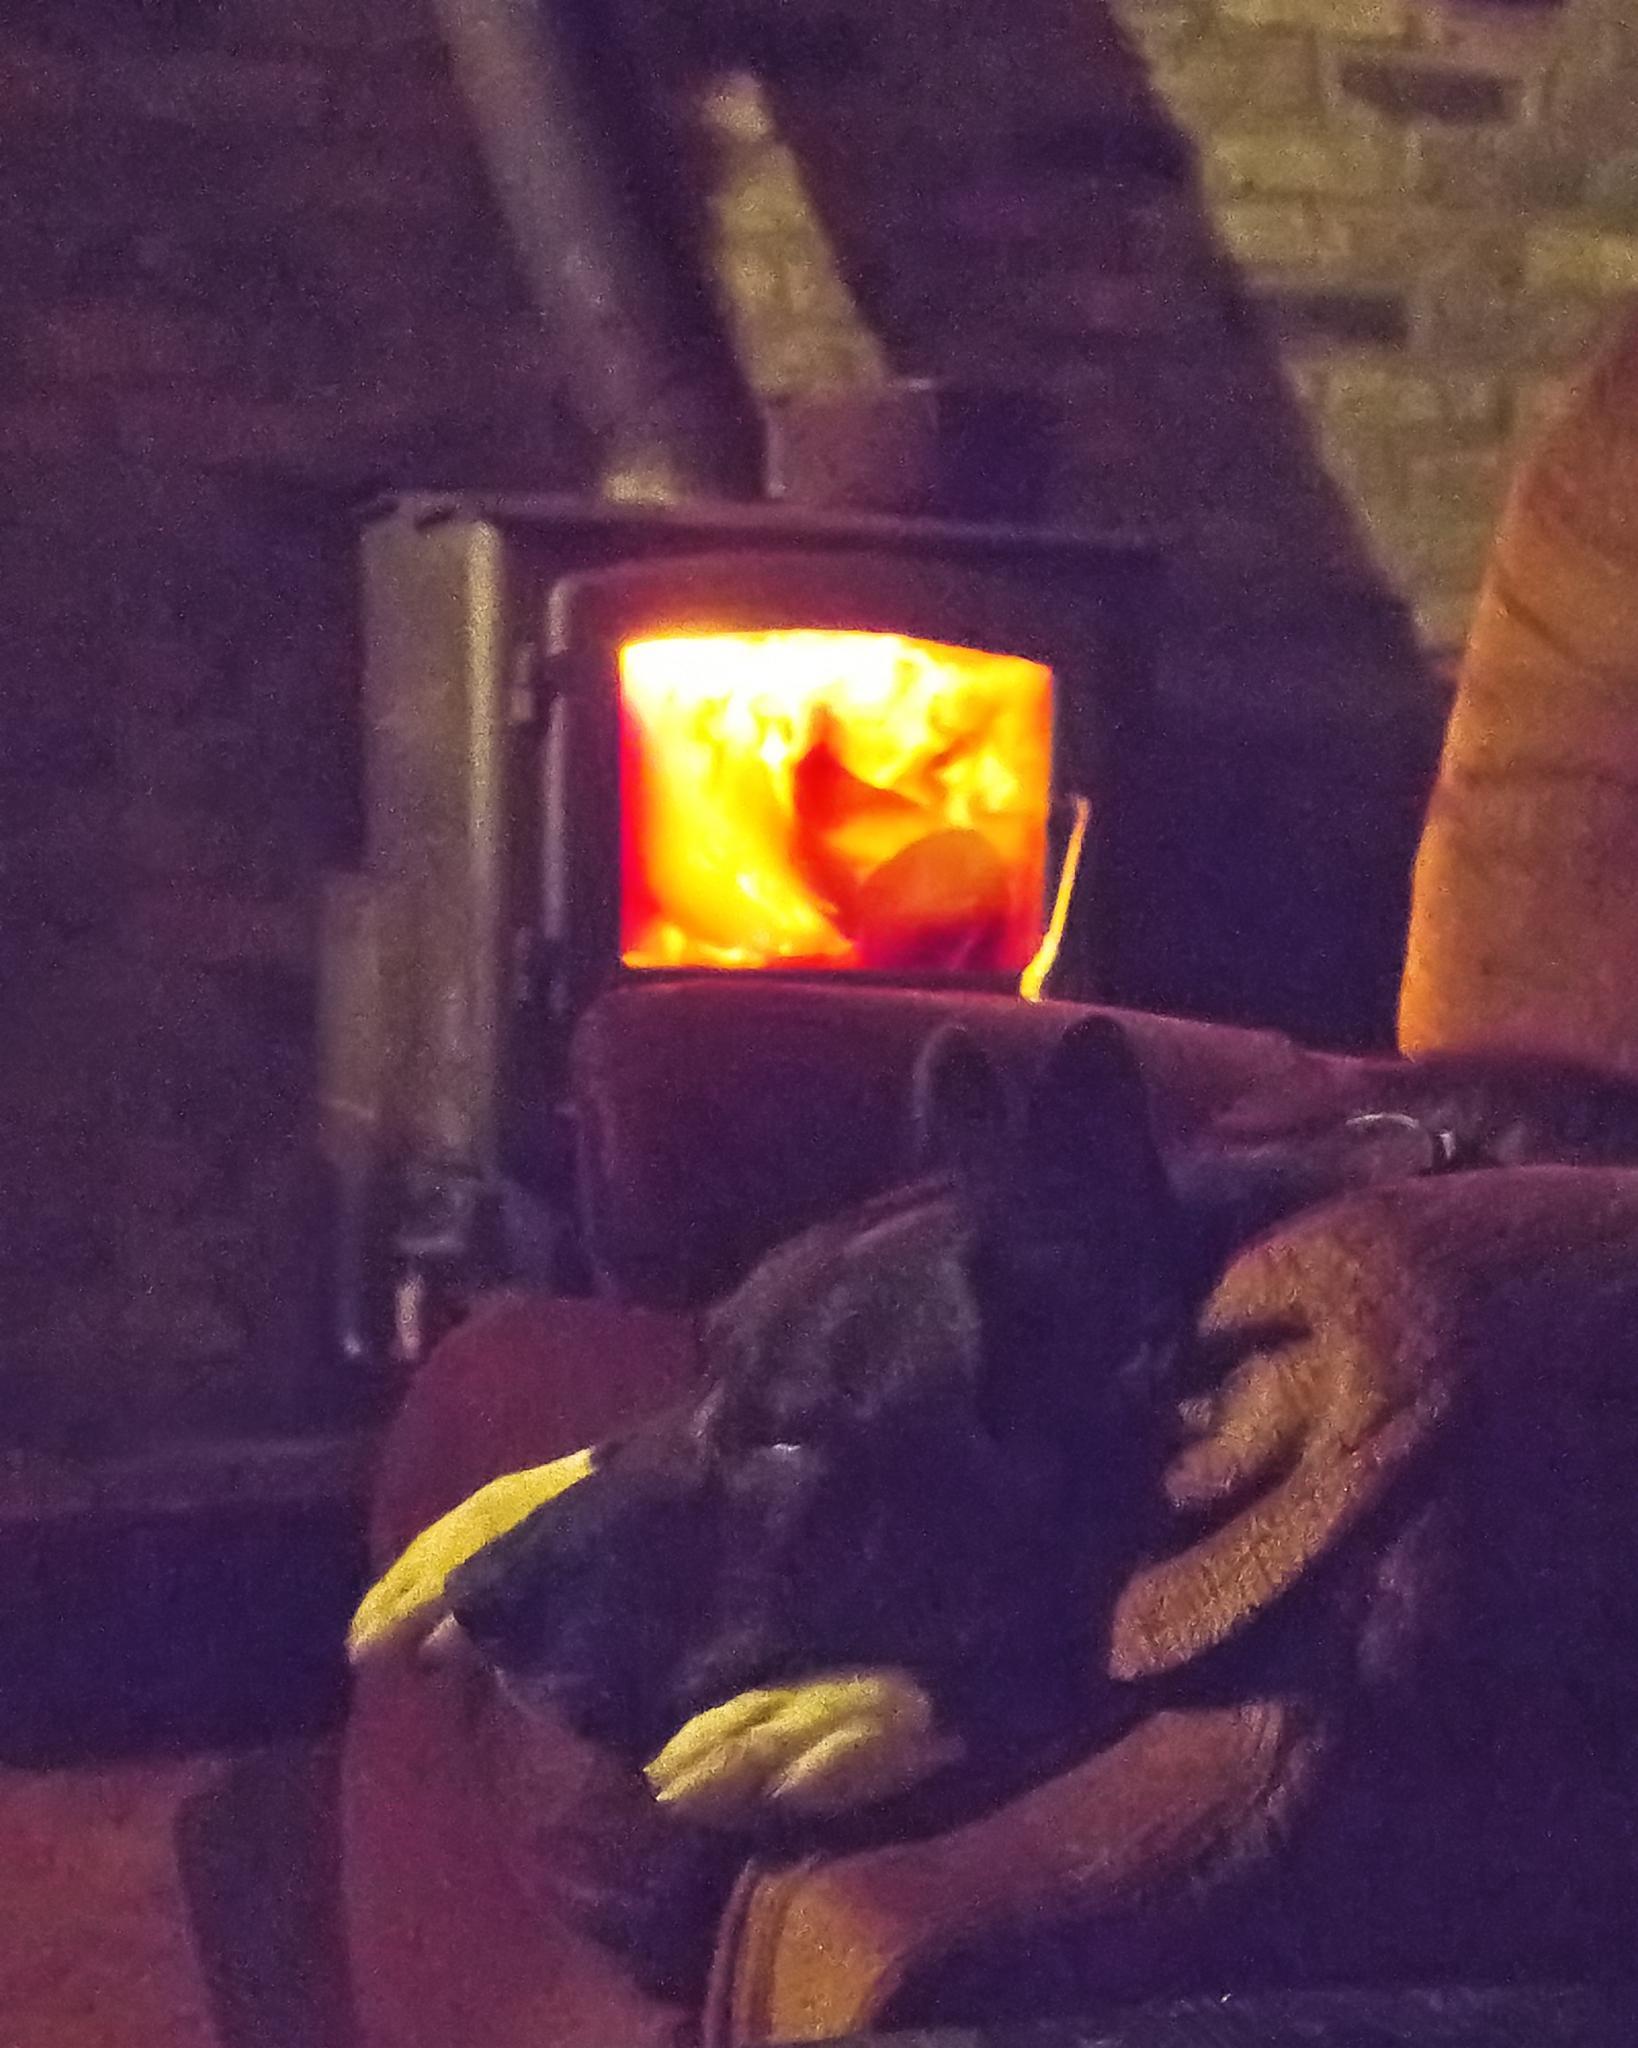 Warm Dog by BadgerBob